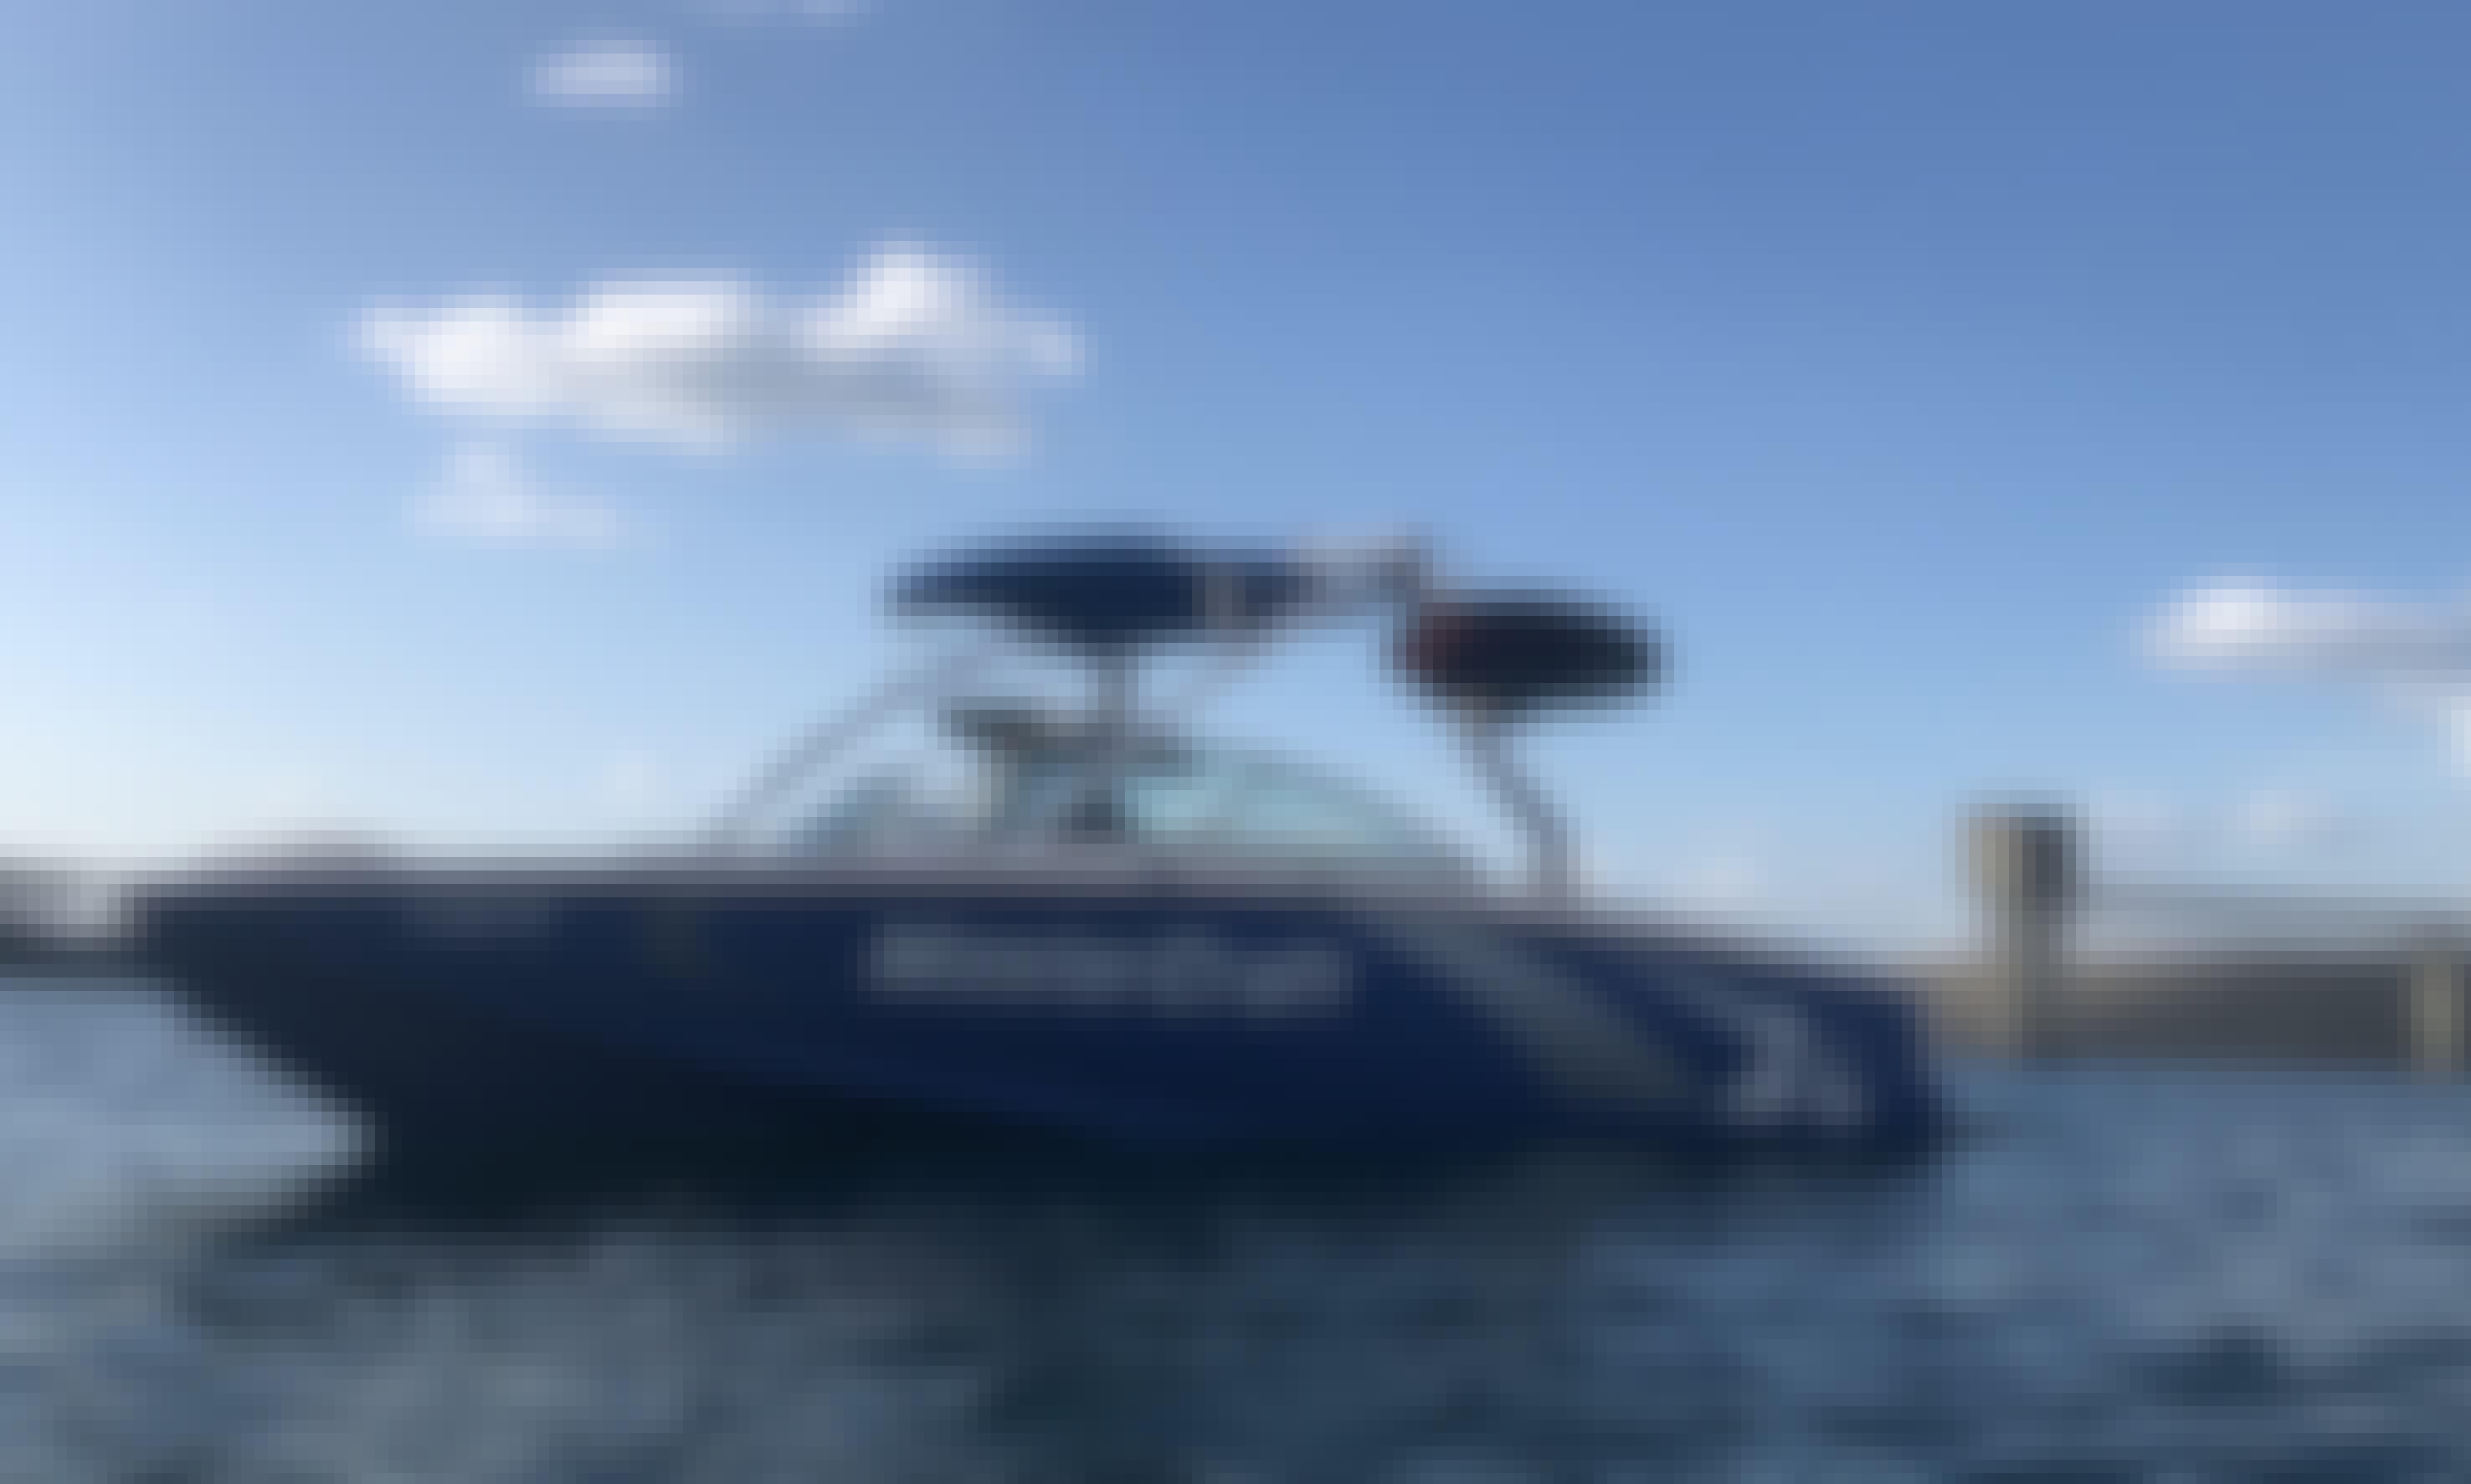 Rent this 24' MasterCraft X45 on Canyon Lake